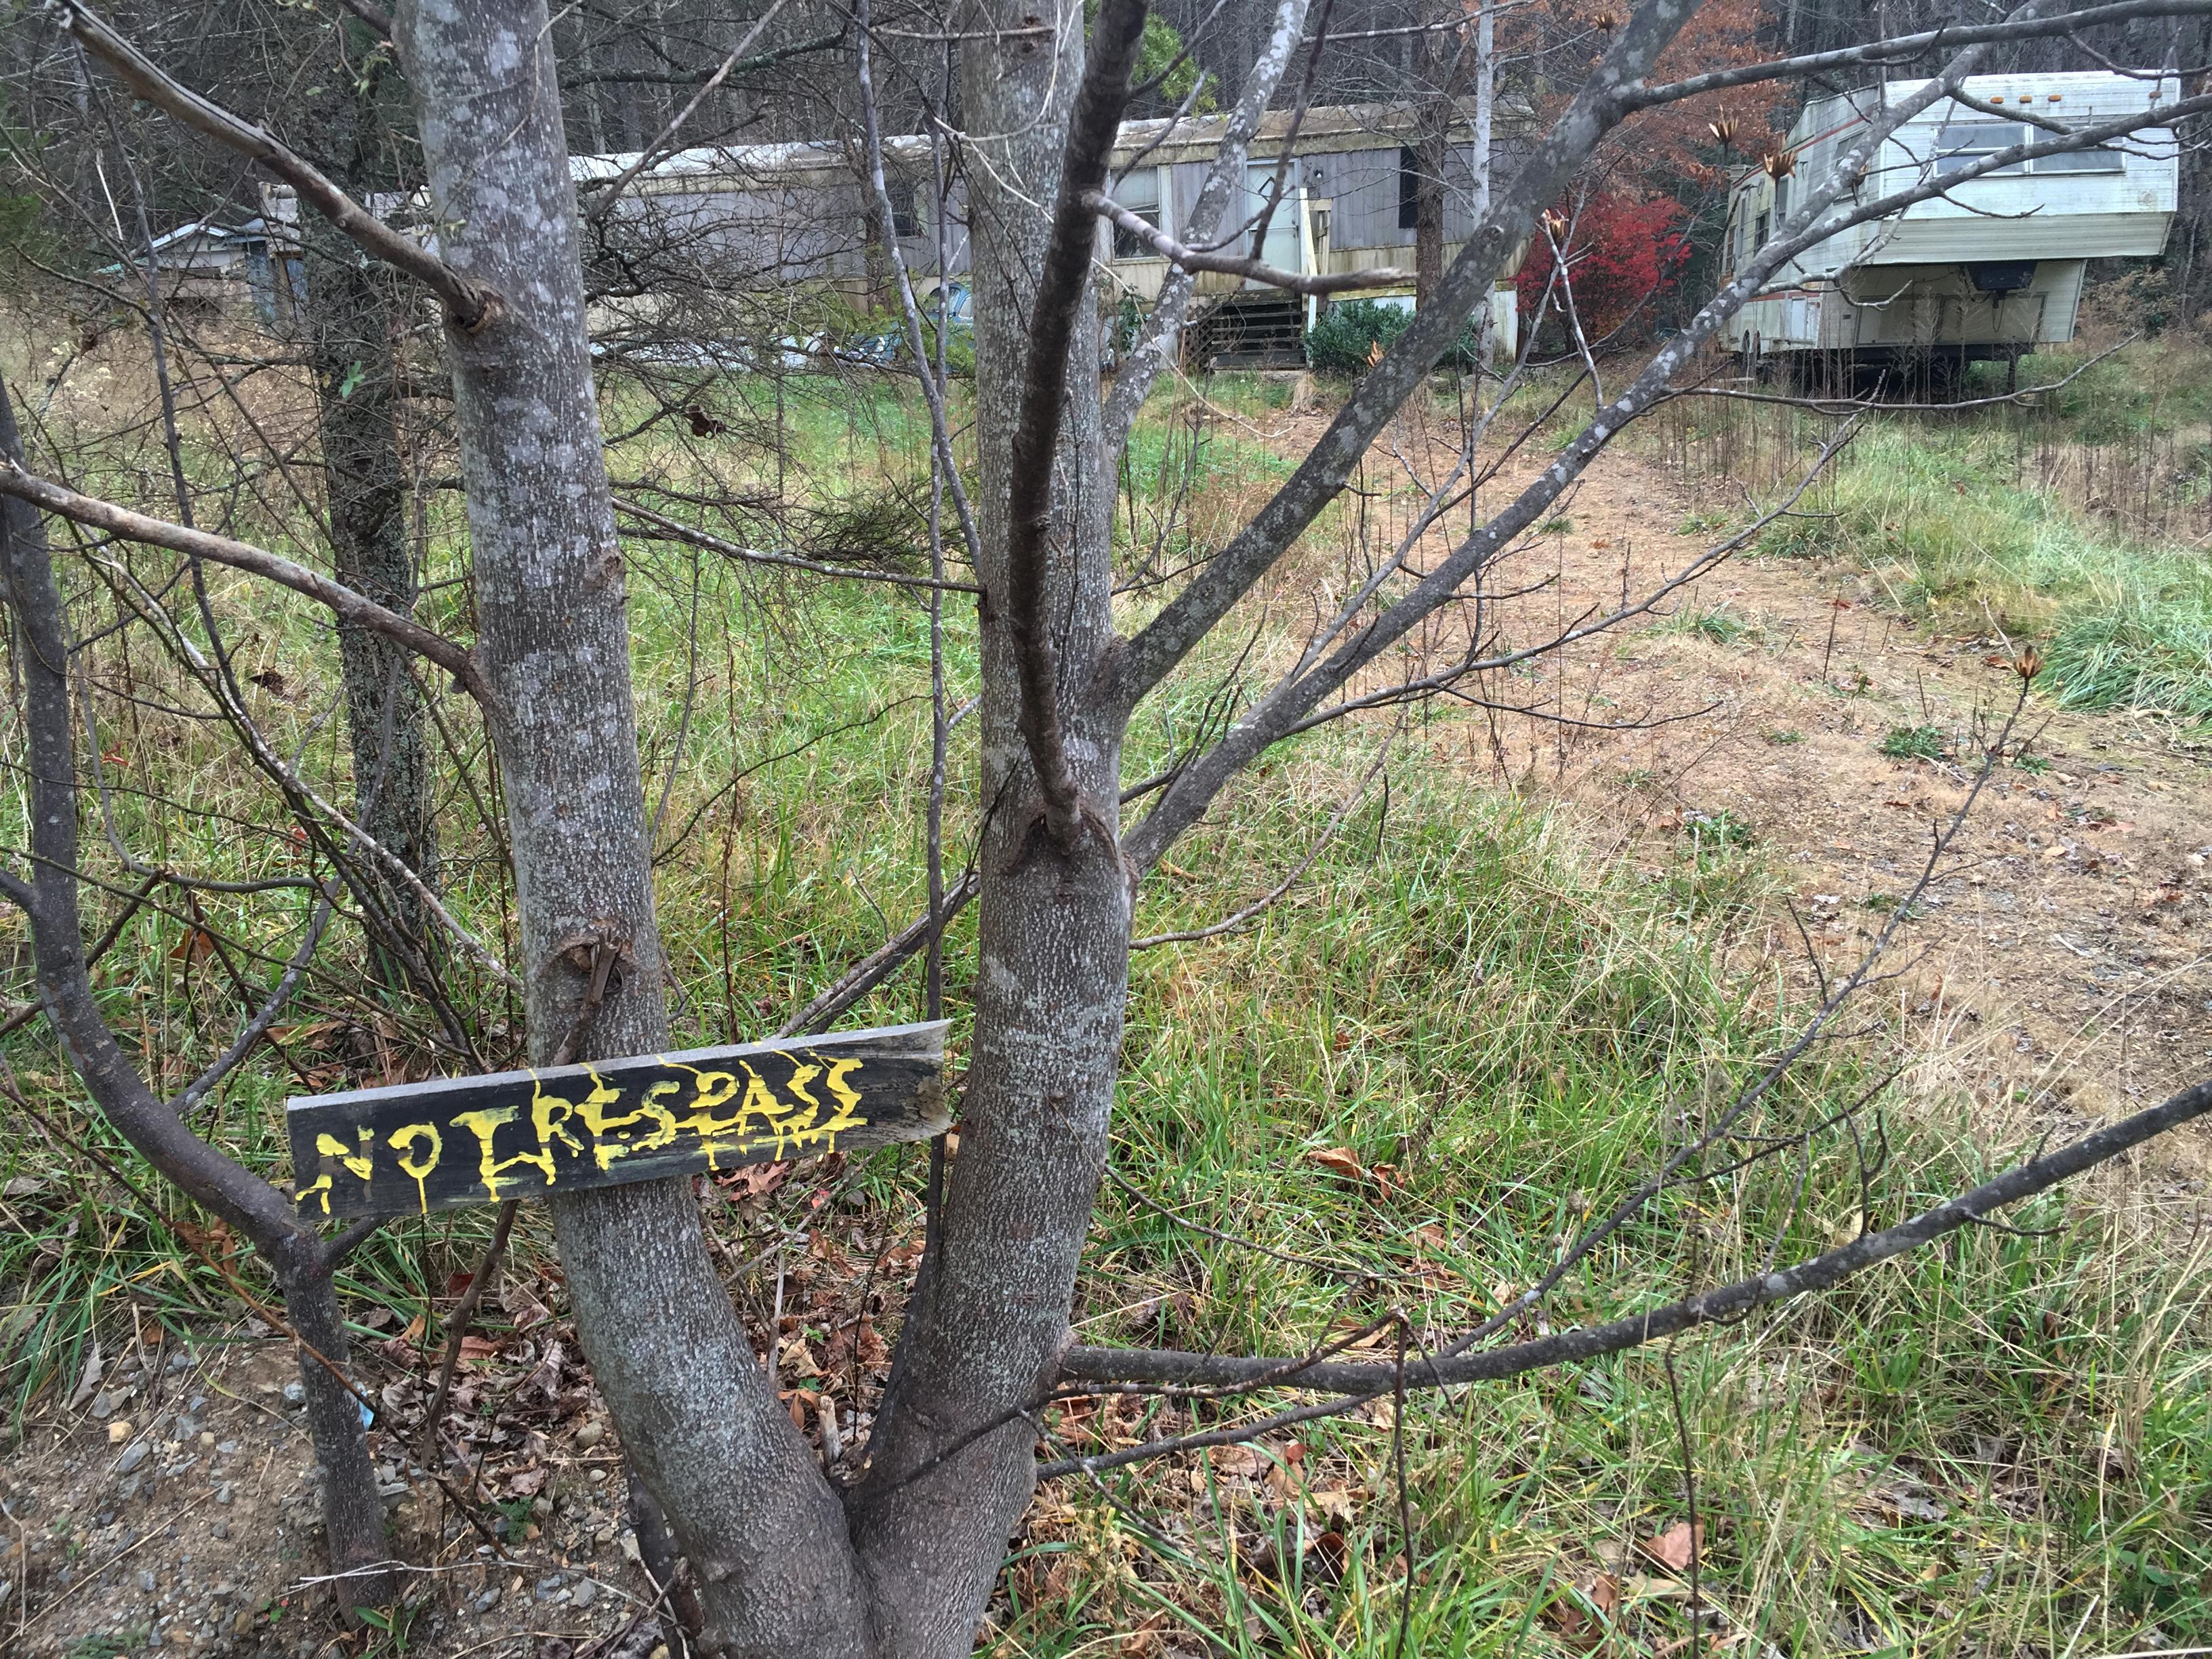 Photo: Robert Dear North Carolina trailer (AP Photo)